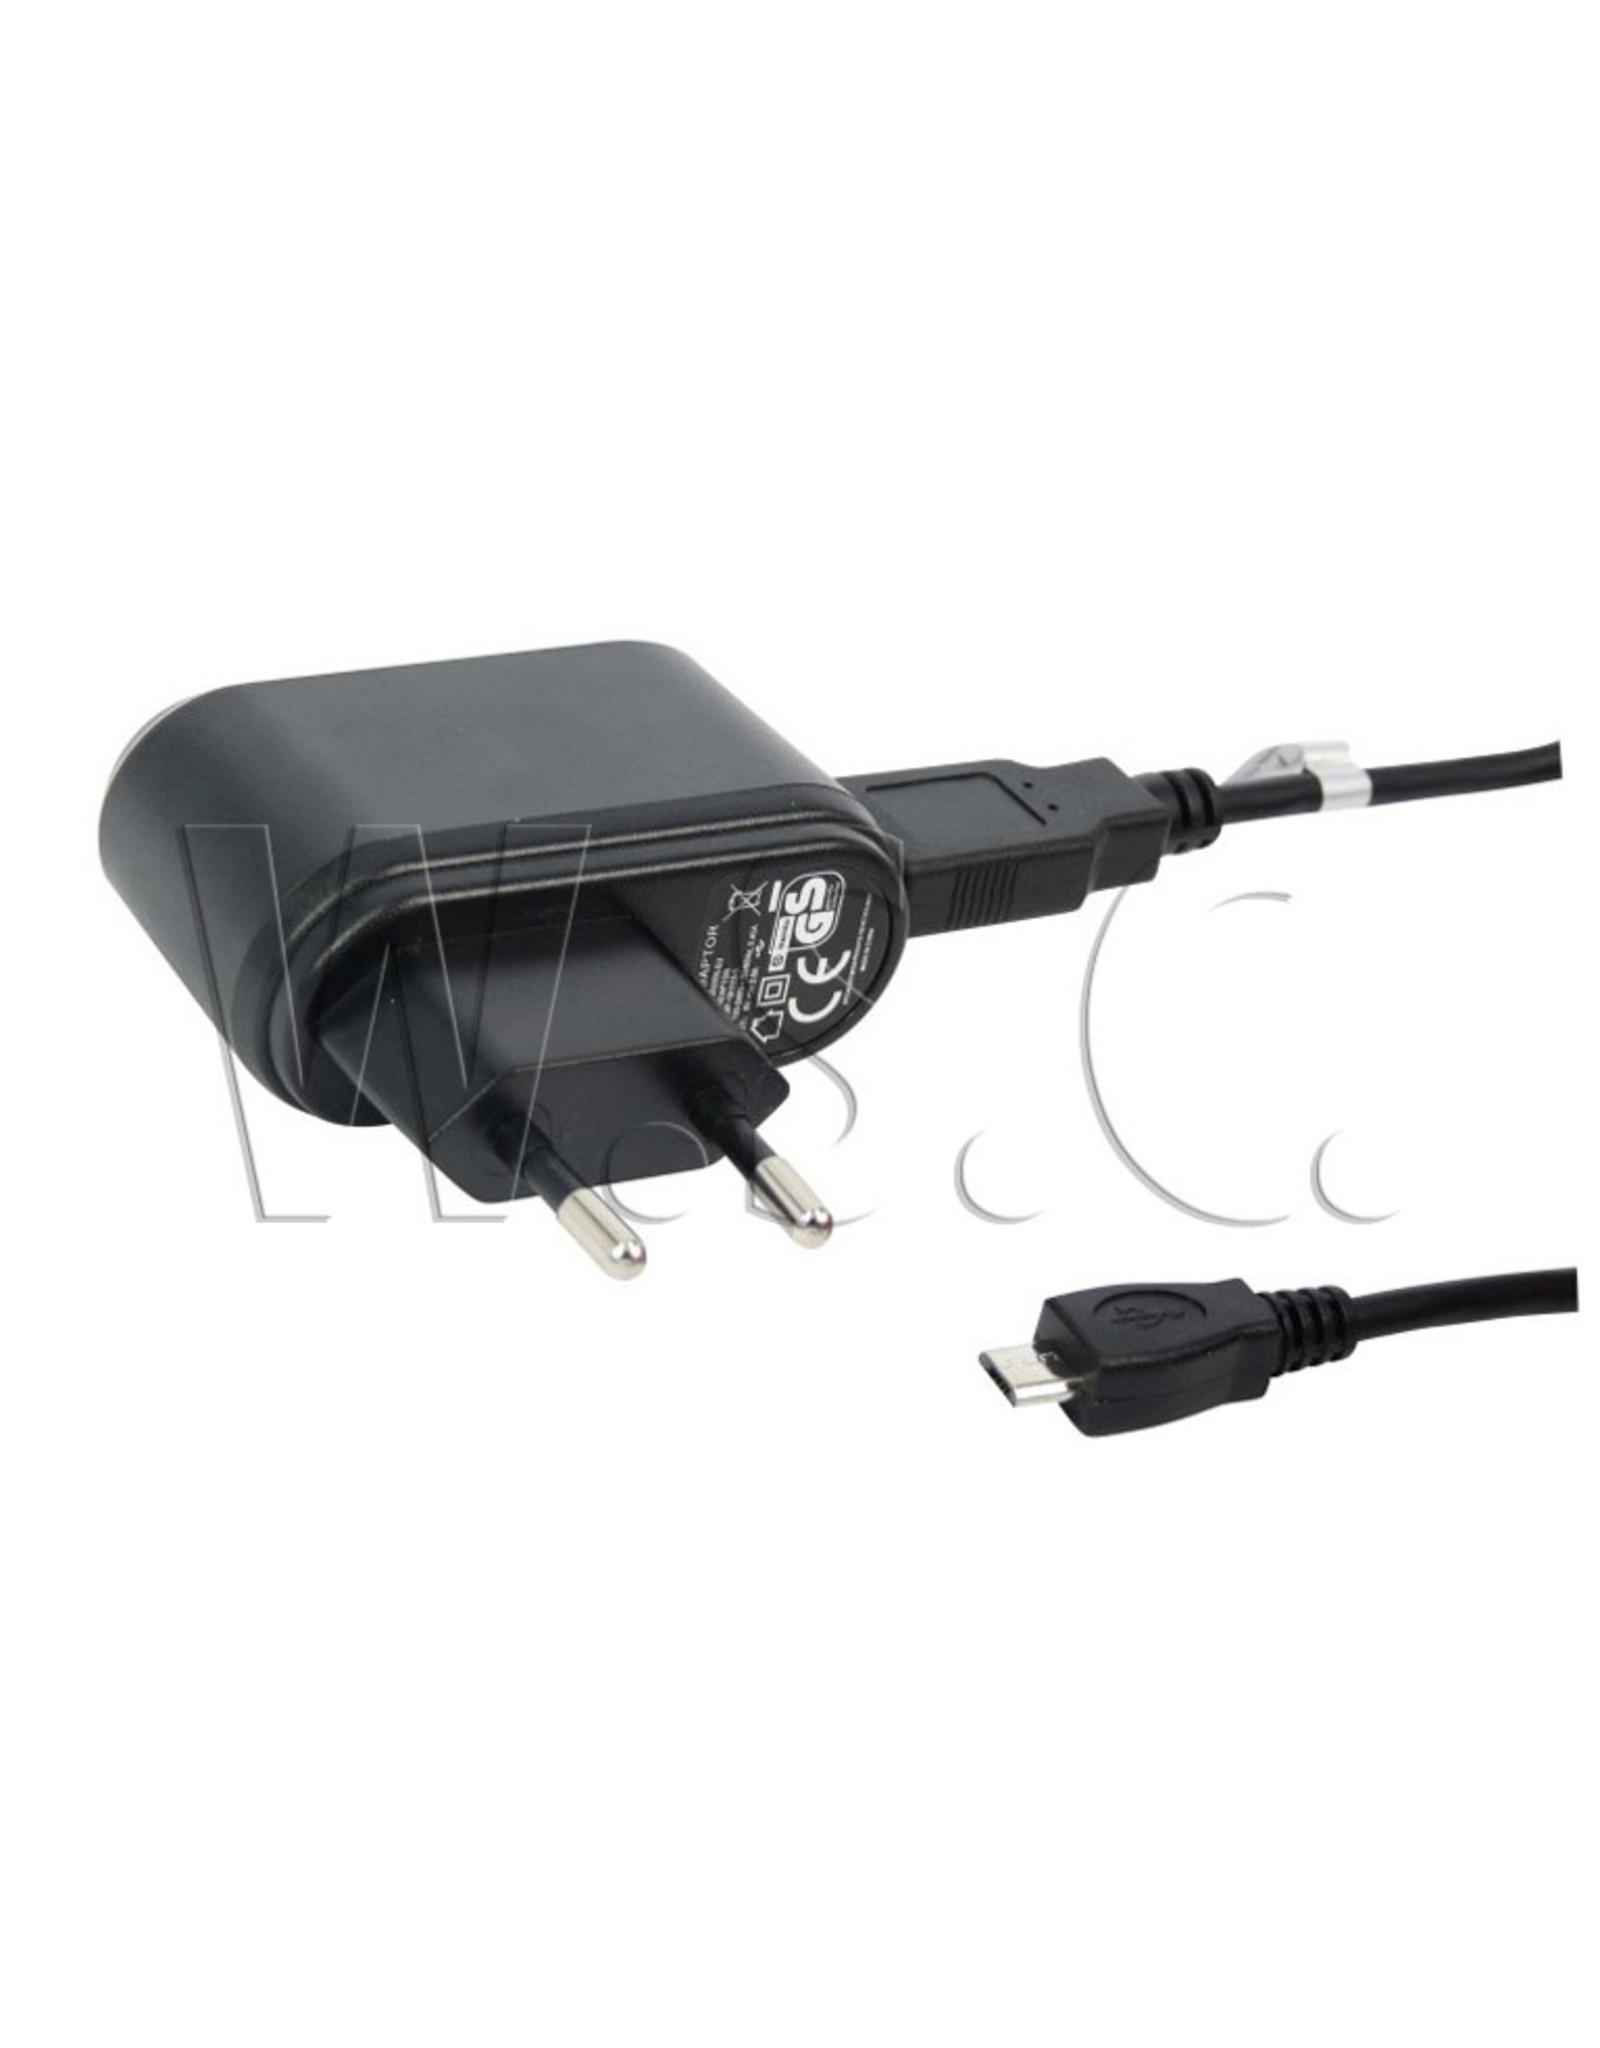 Spez NETADAPTER MICRO-USB 5V/1A